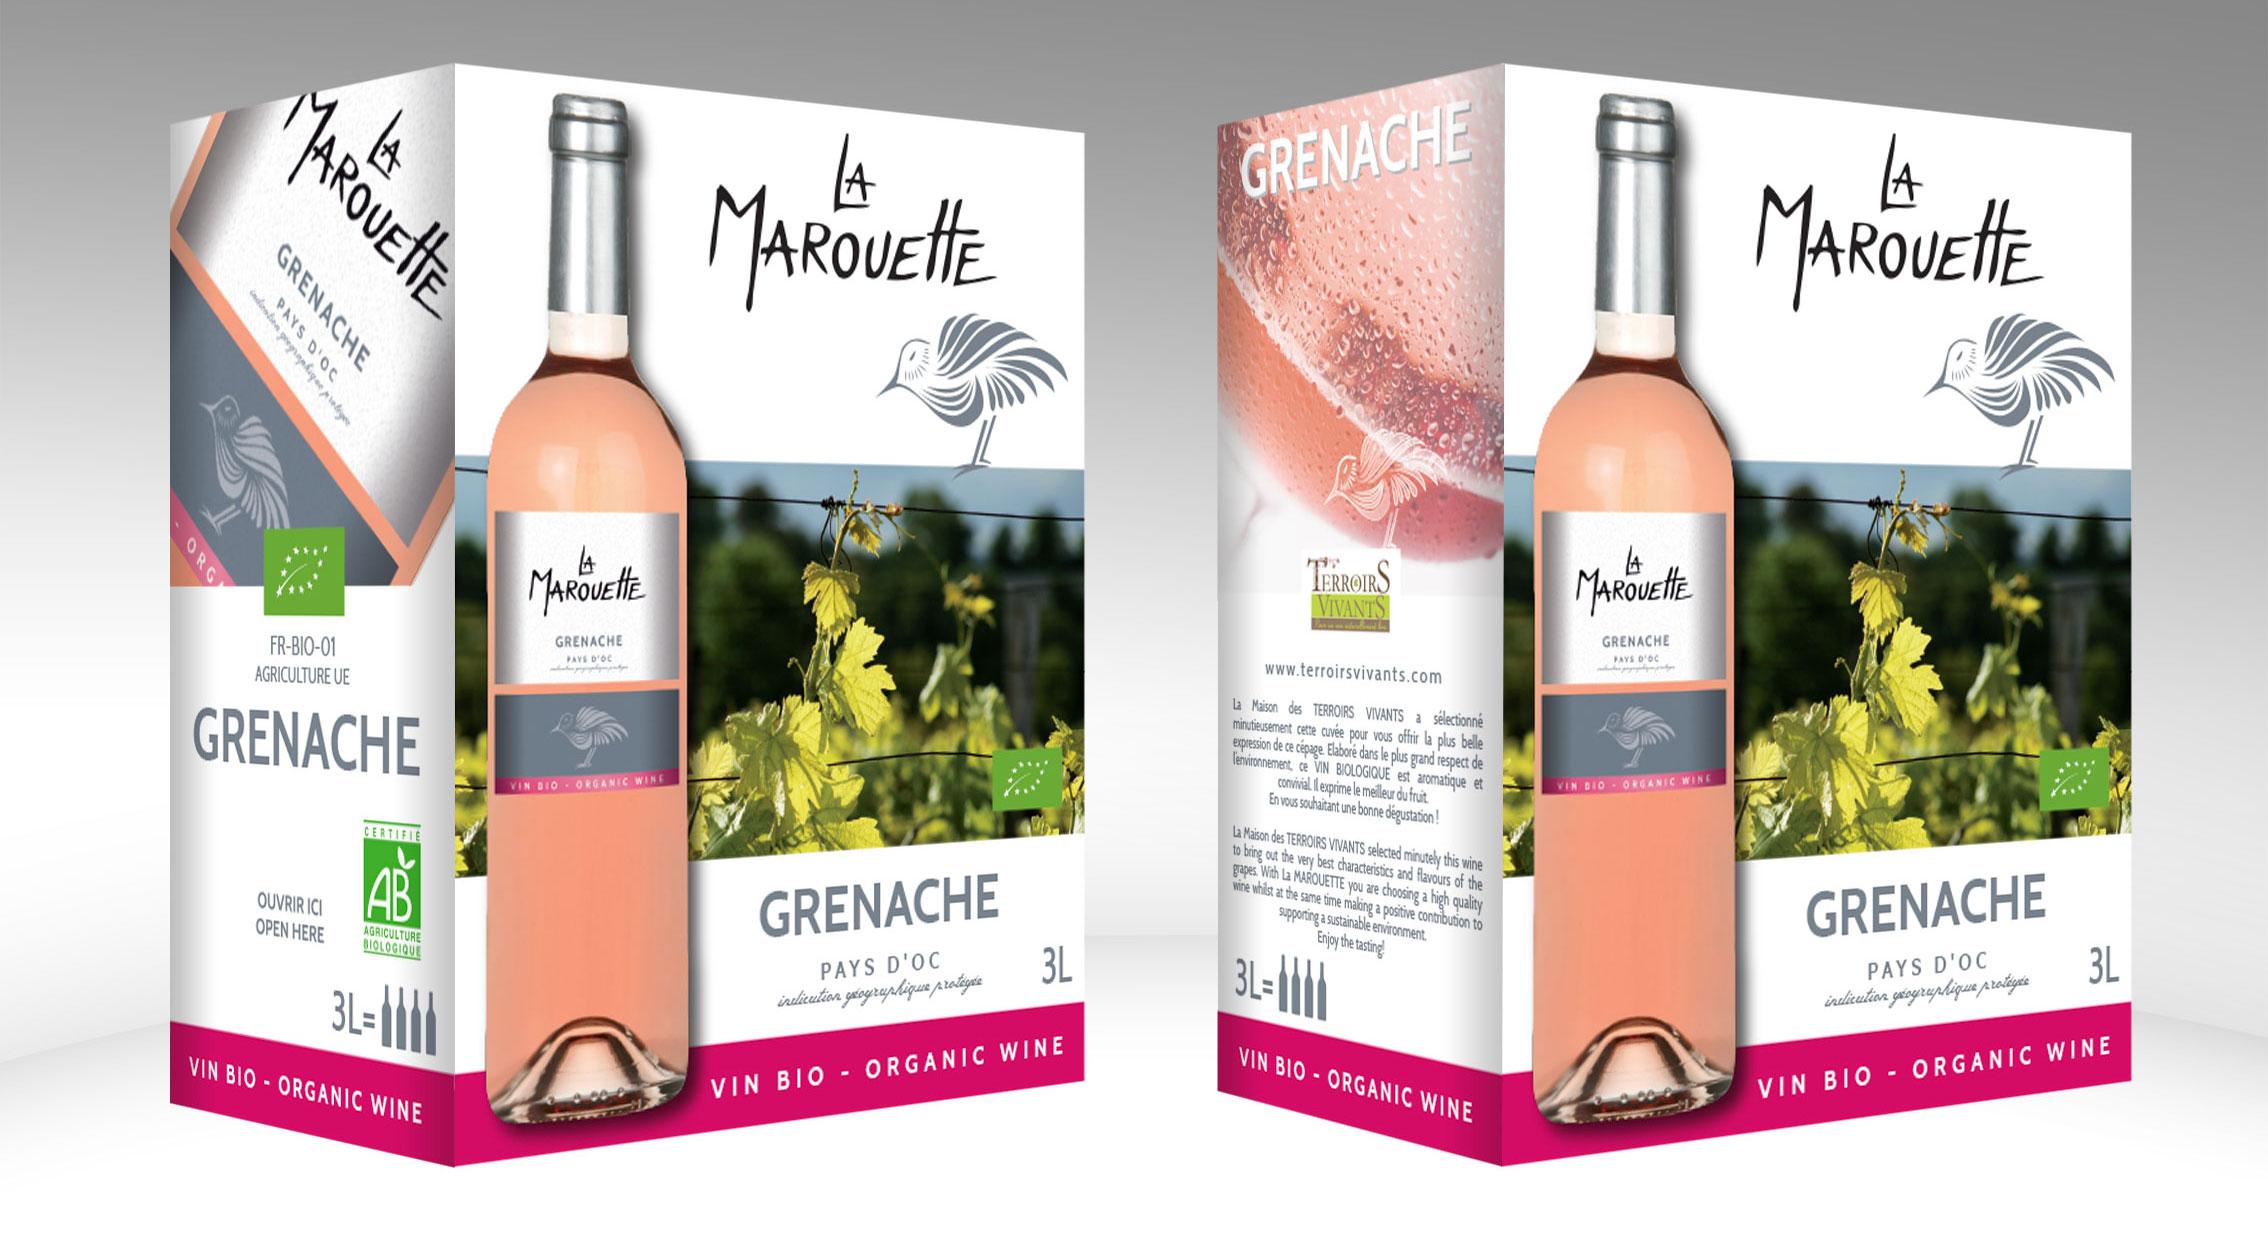 La Marouette-grenache-rose